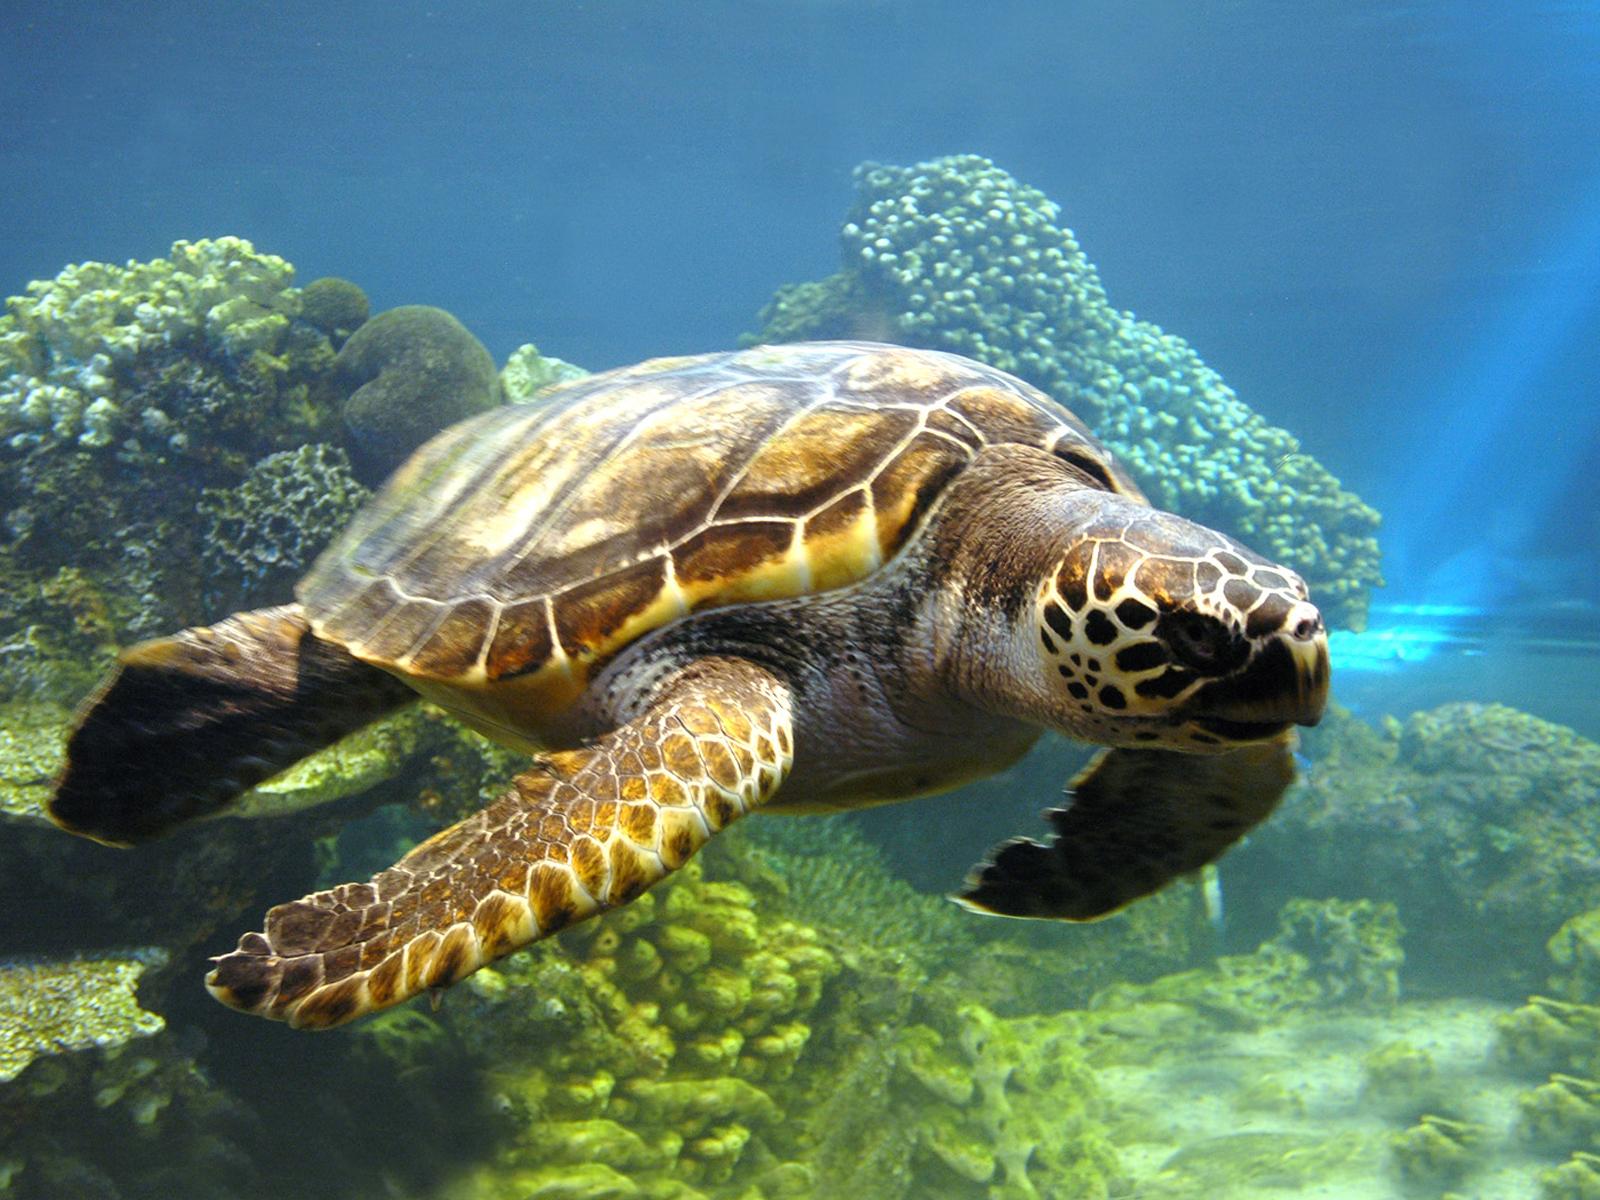 2305_cherepaha Всесвітній день черепахи: цікаві факти та секрет довголіття